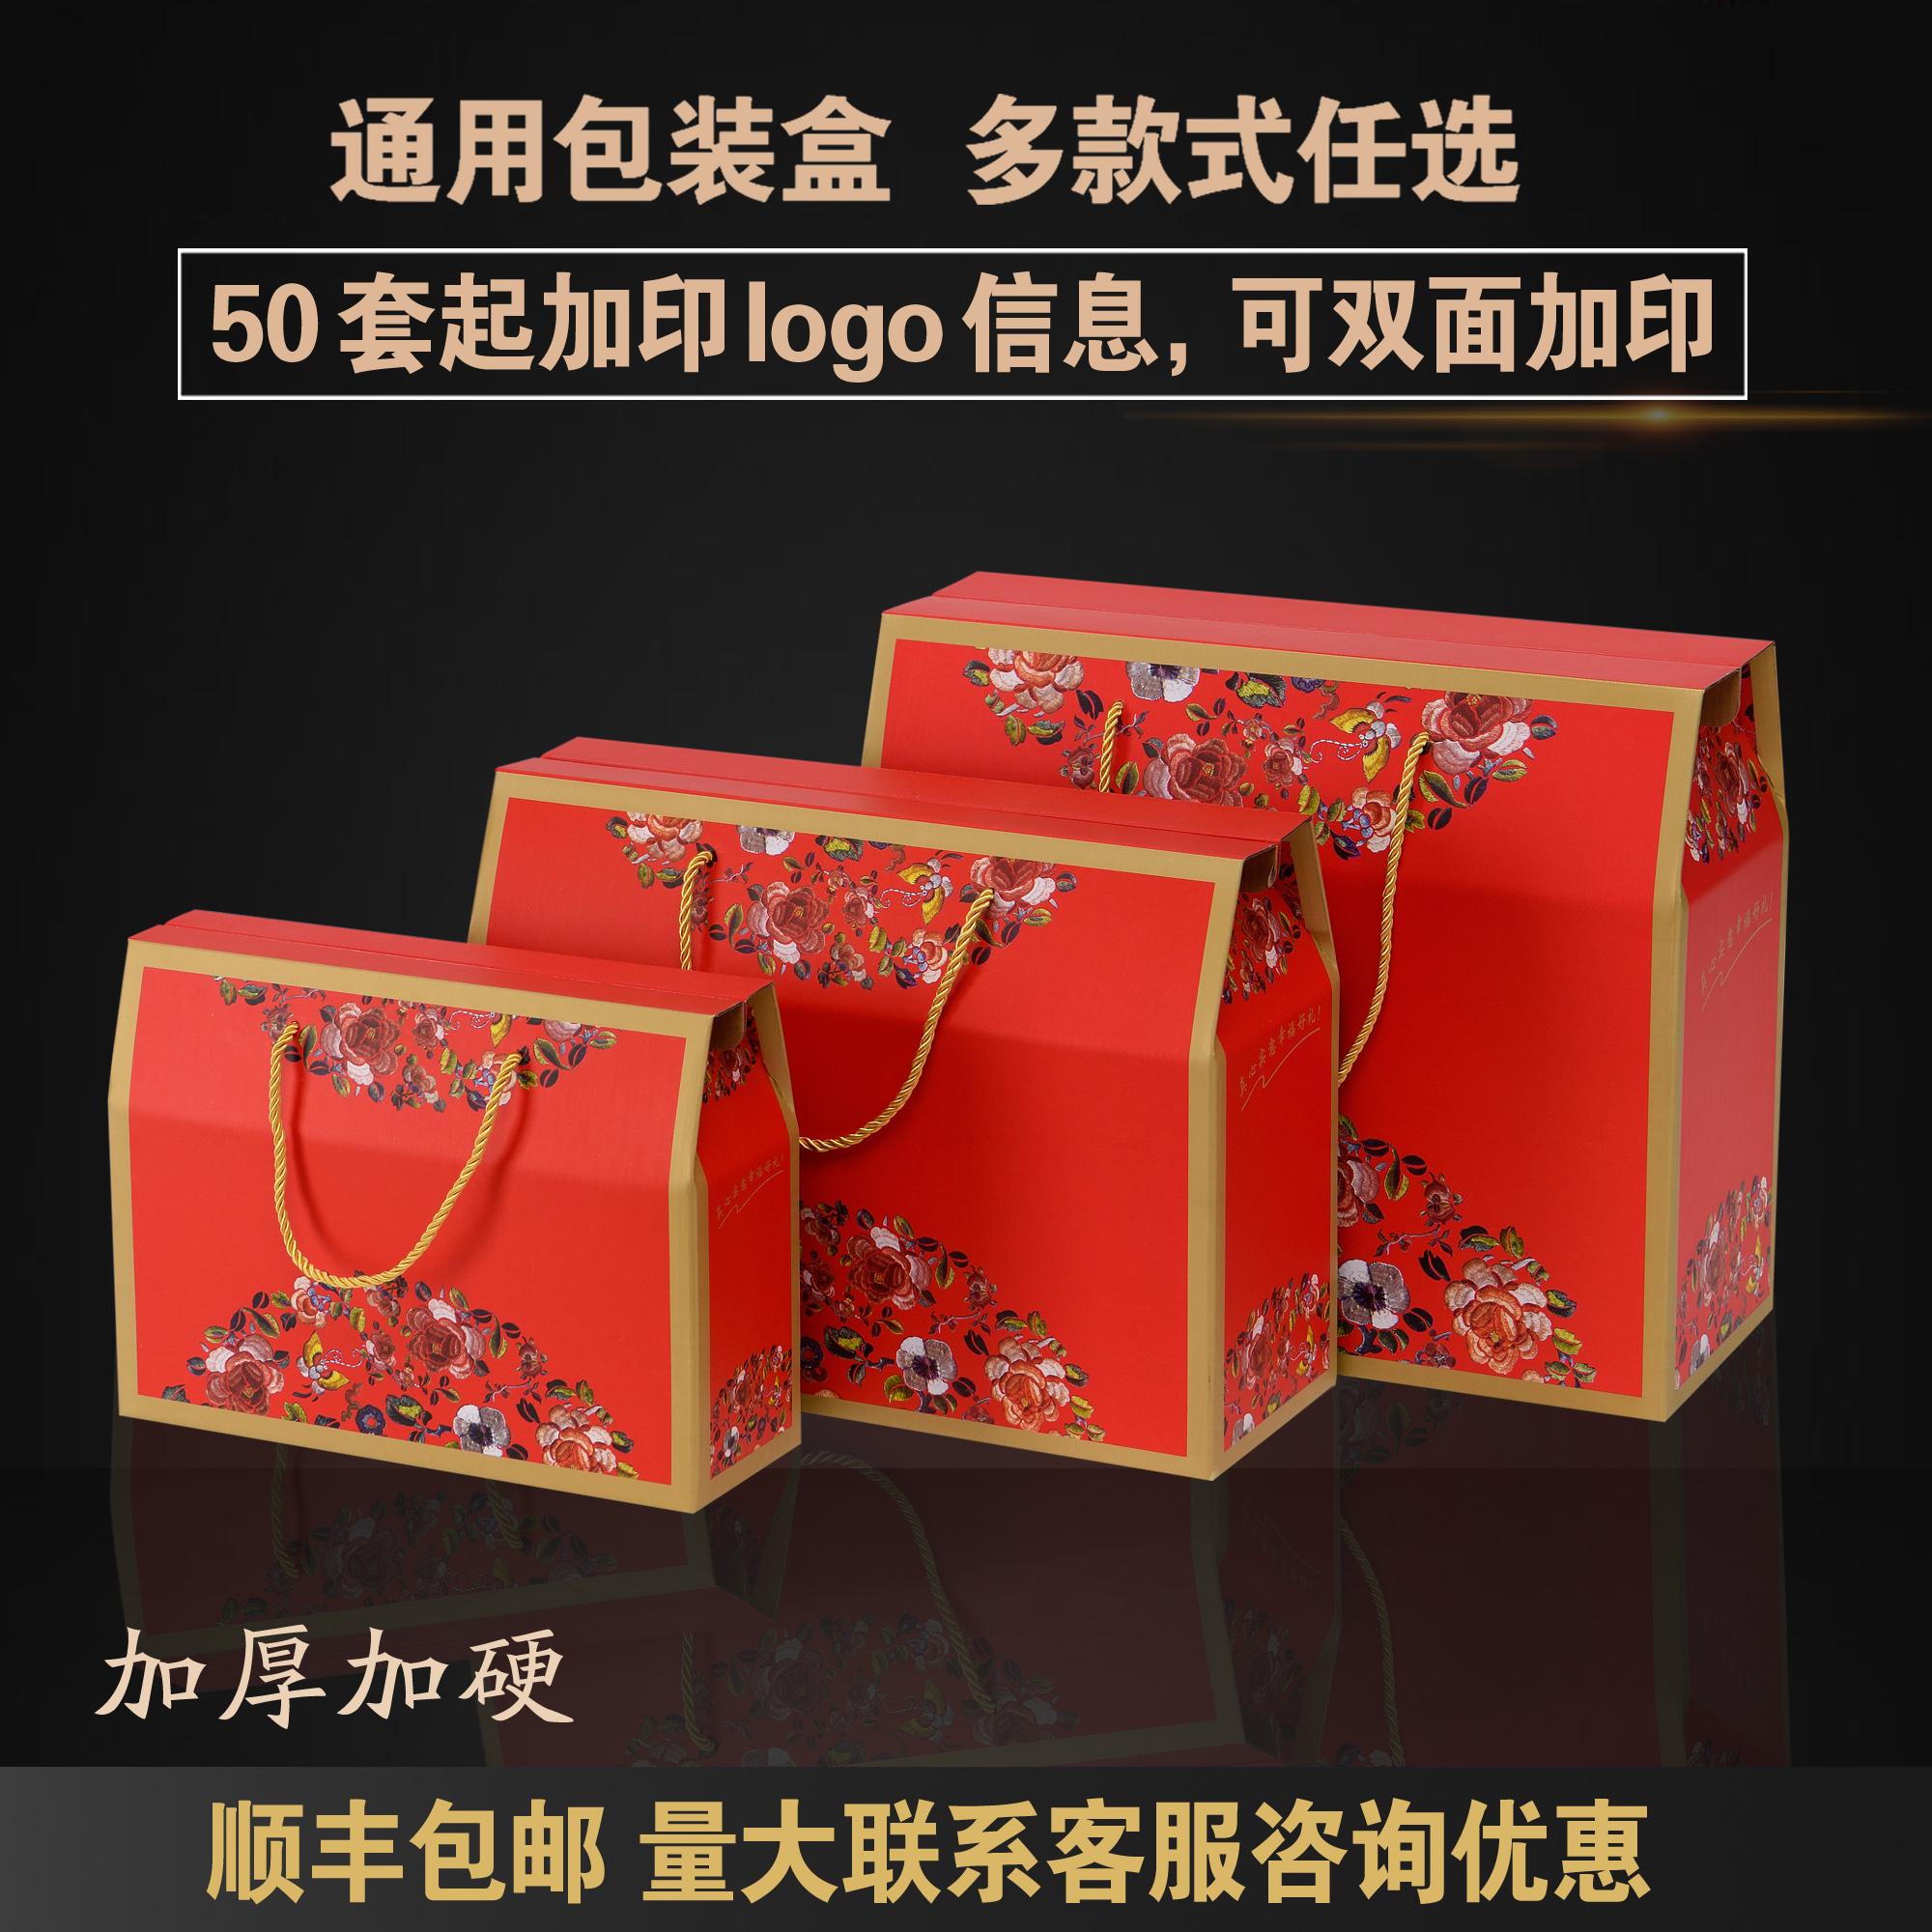 高档年货包装盒核桃红枣熟食八大碗礼盒新疆特产手提礼品包装盒